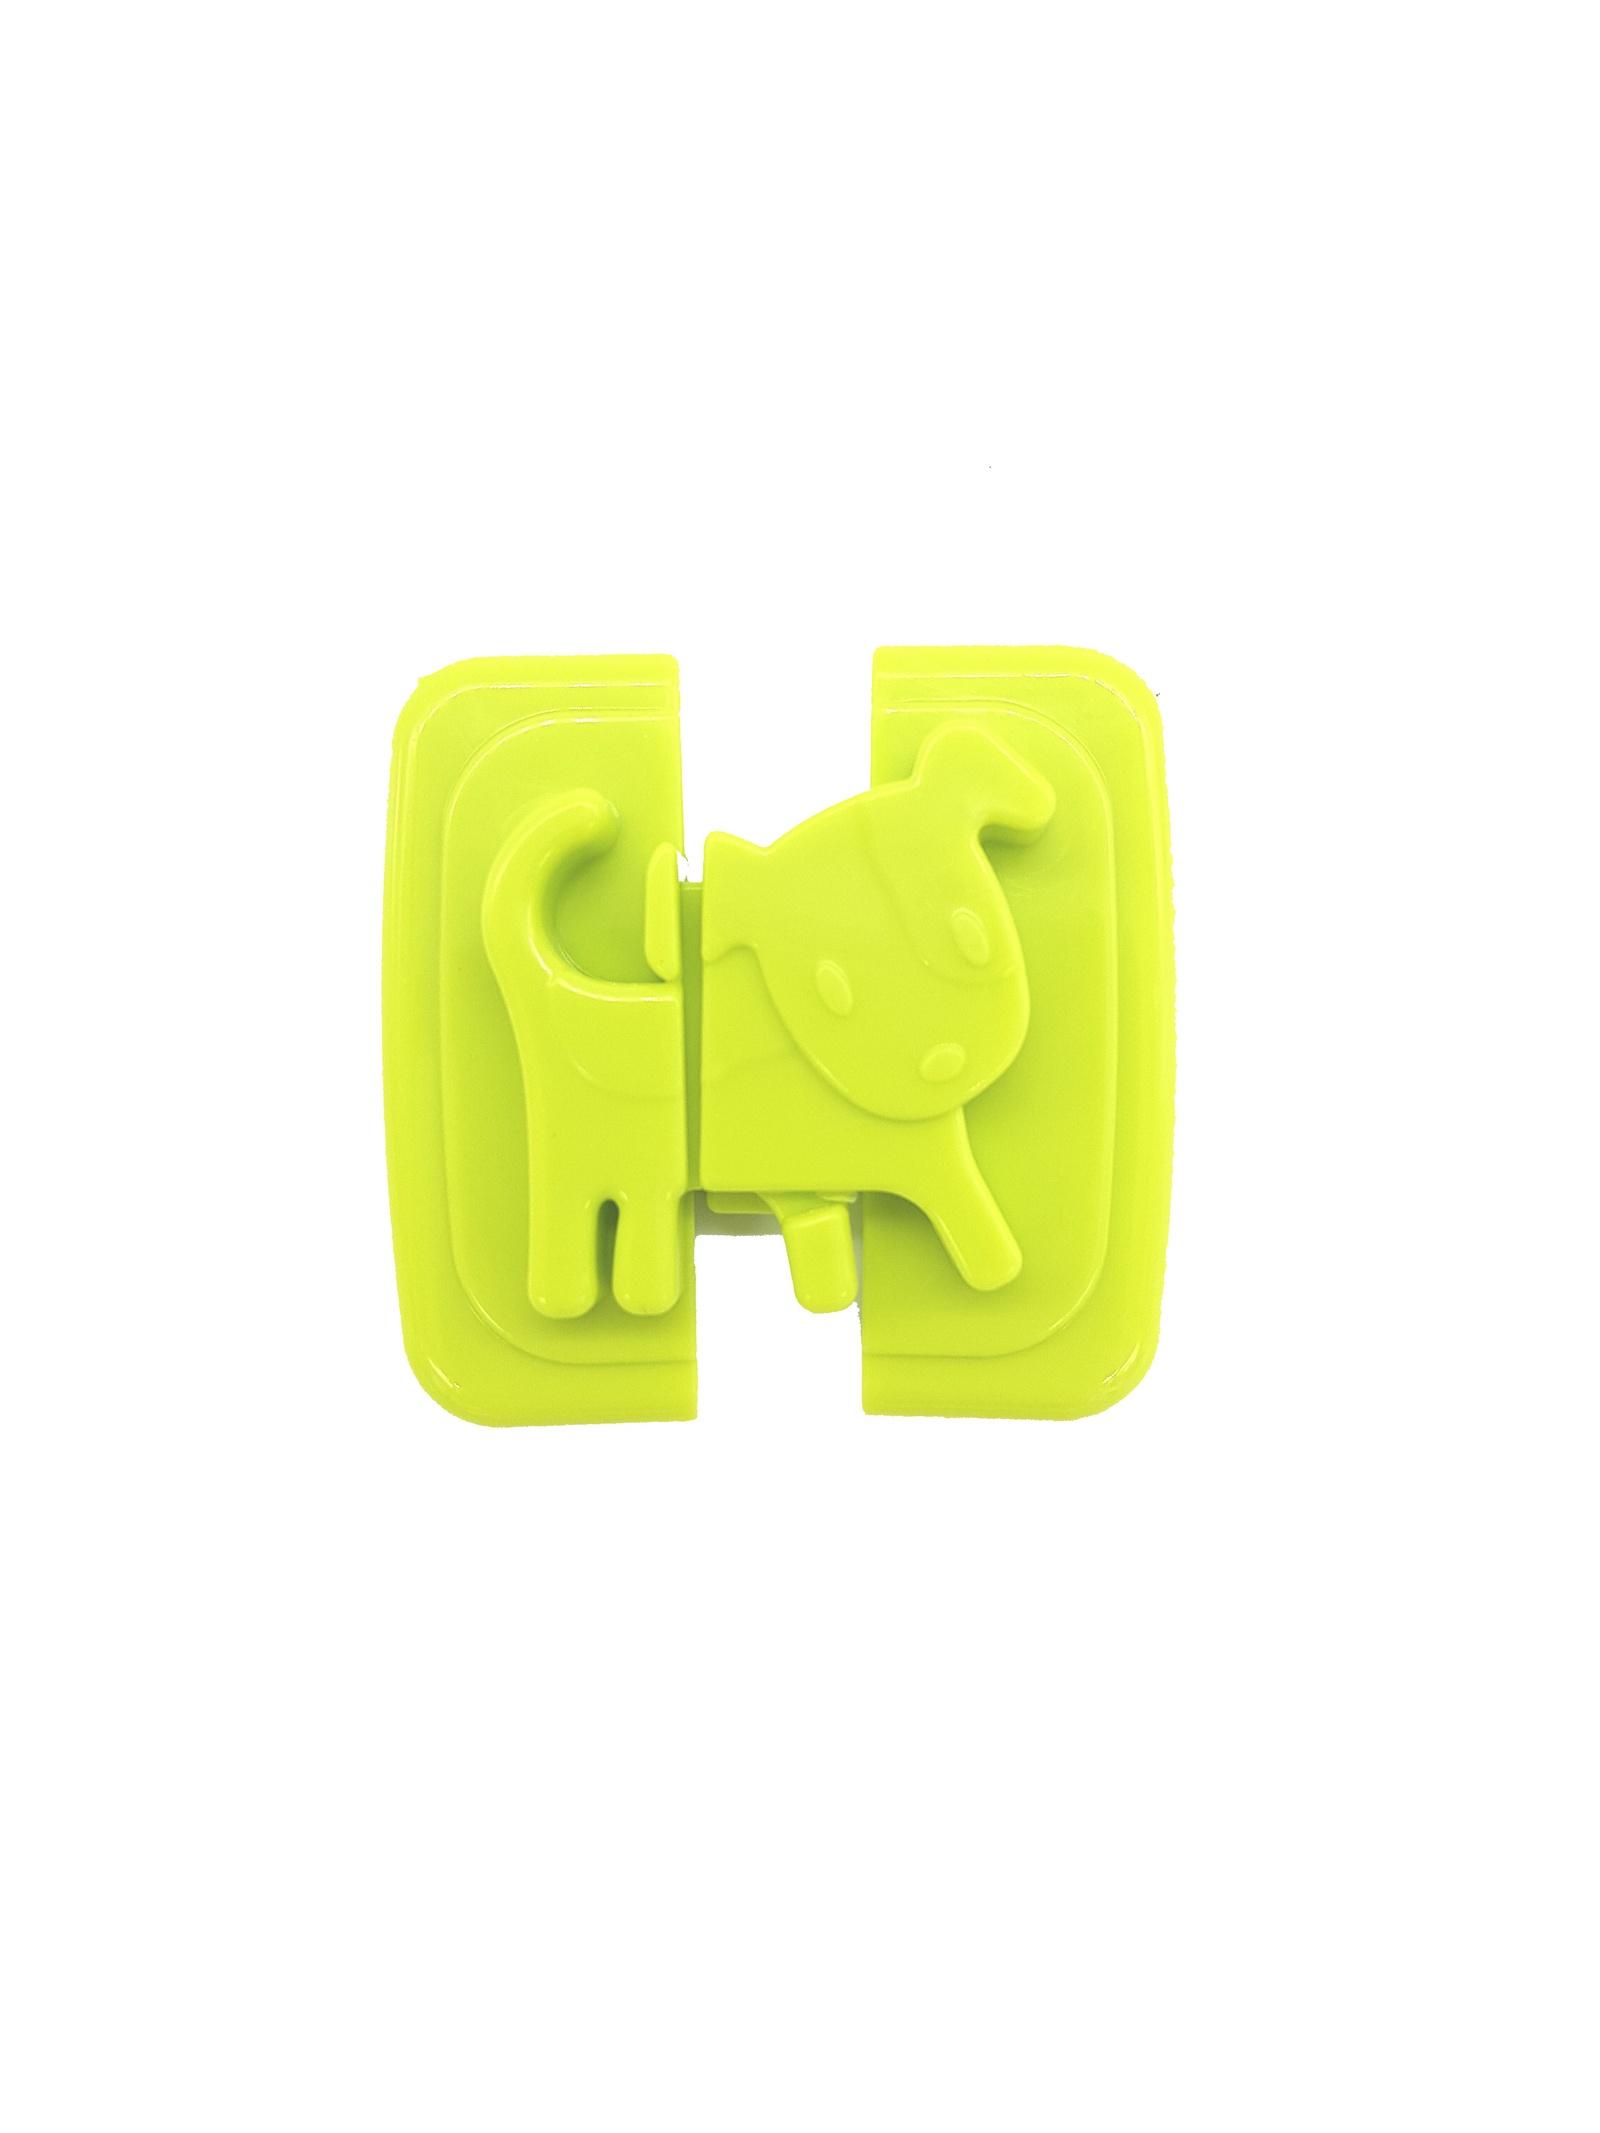 Блокиратор дверей/ящиков Зигуля Блокиратор-01, зеленый